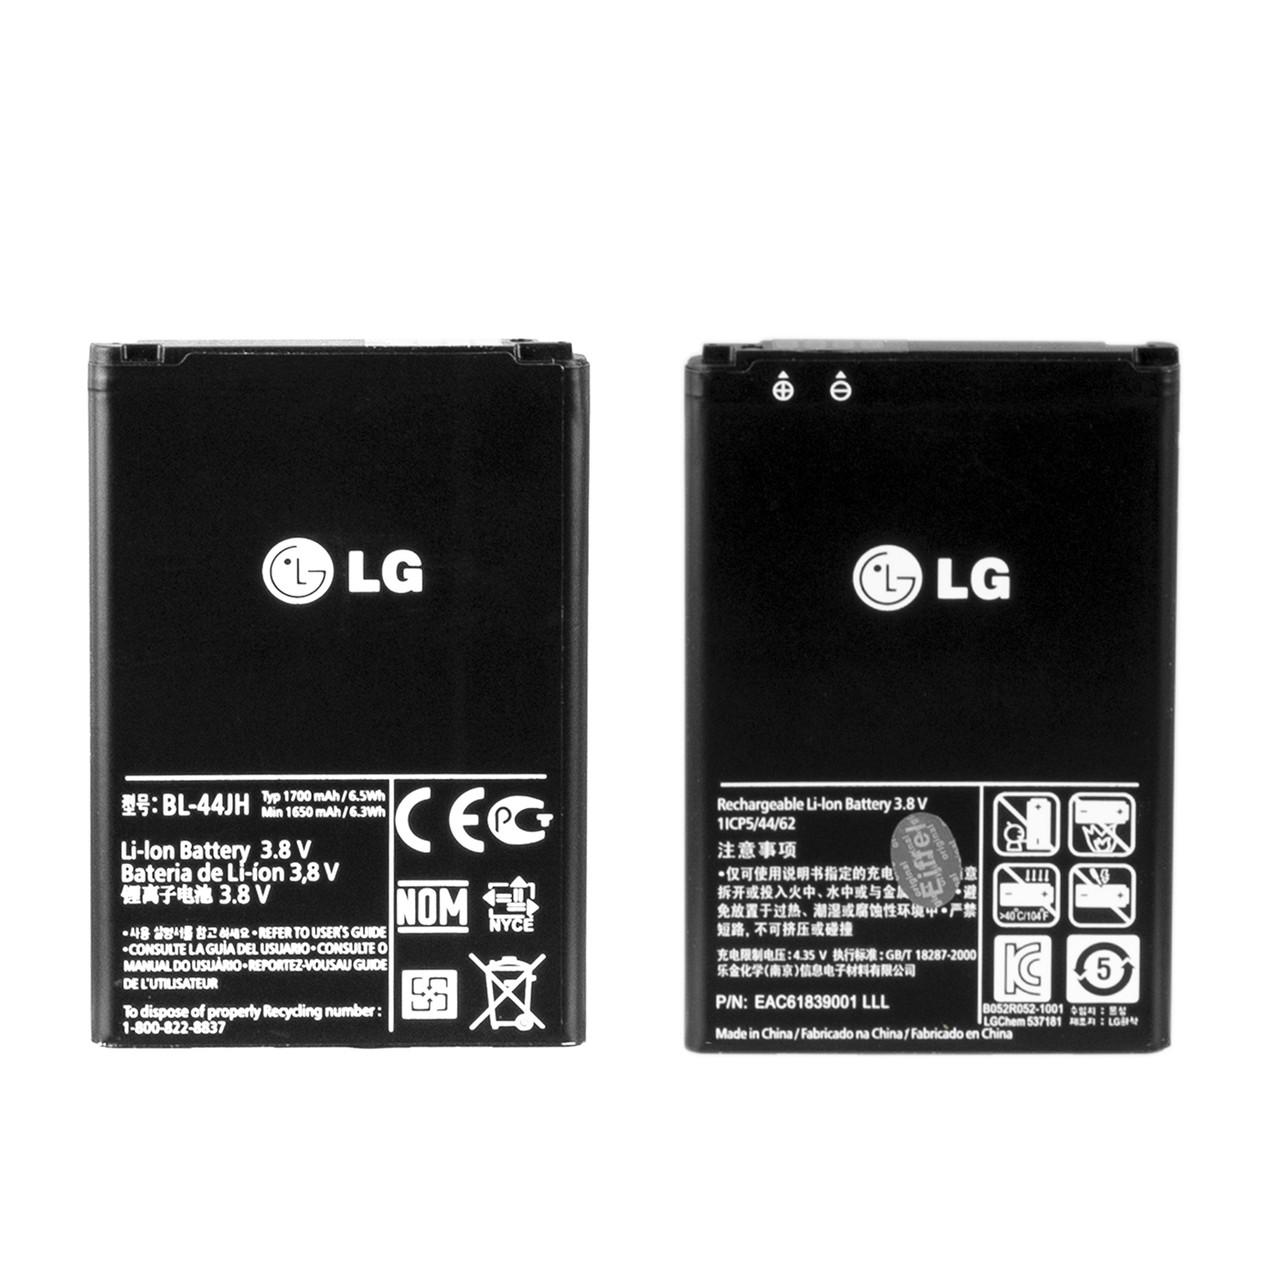 Аккумулятор LG BL-44JH P705/E400/P970/C660/P690/P693/P698/E730/E510 1500mAh KV Plastic Box